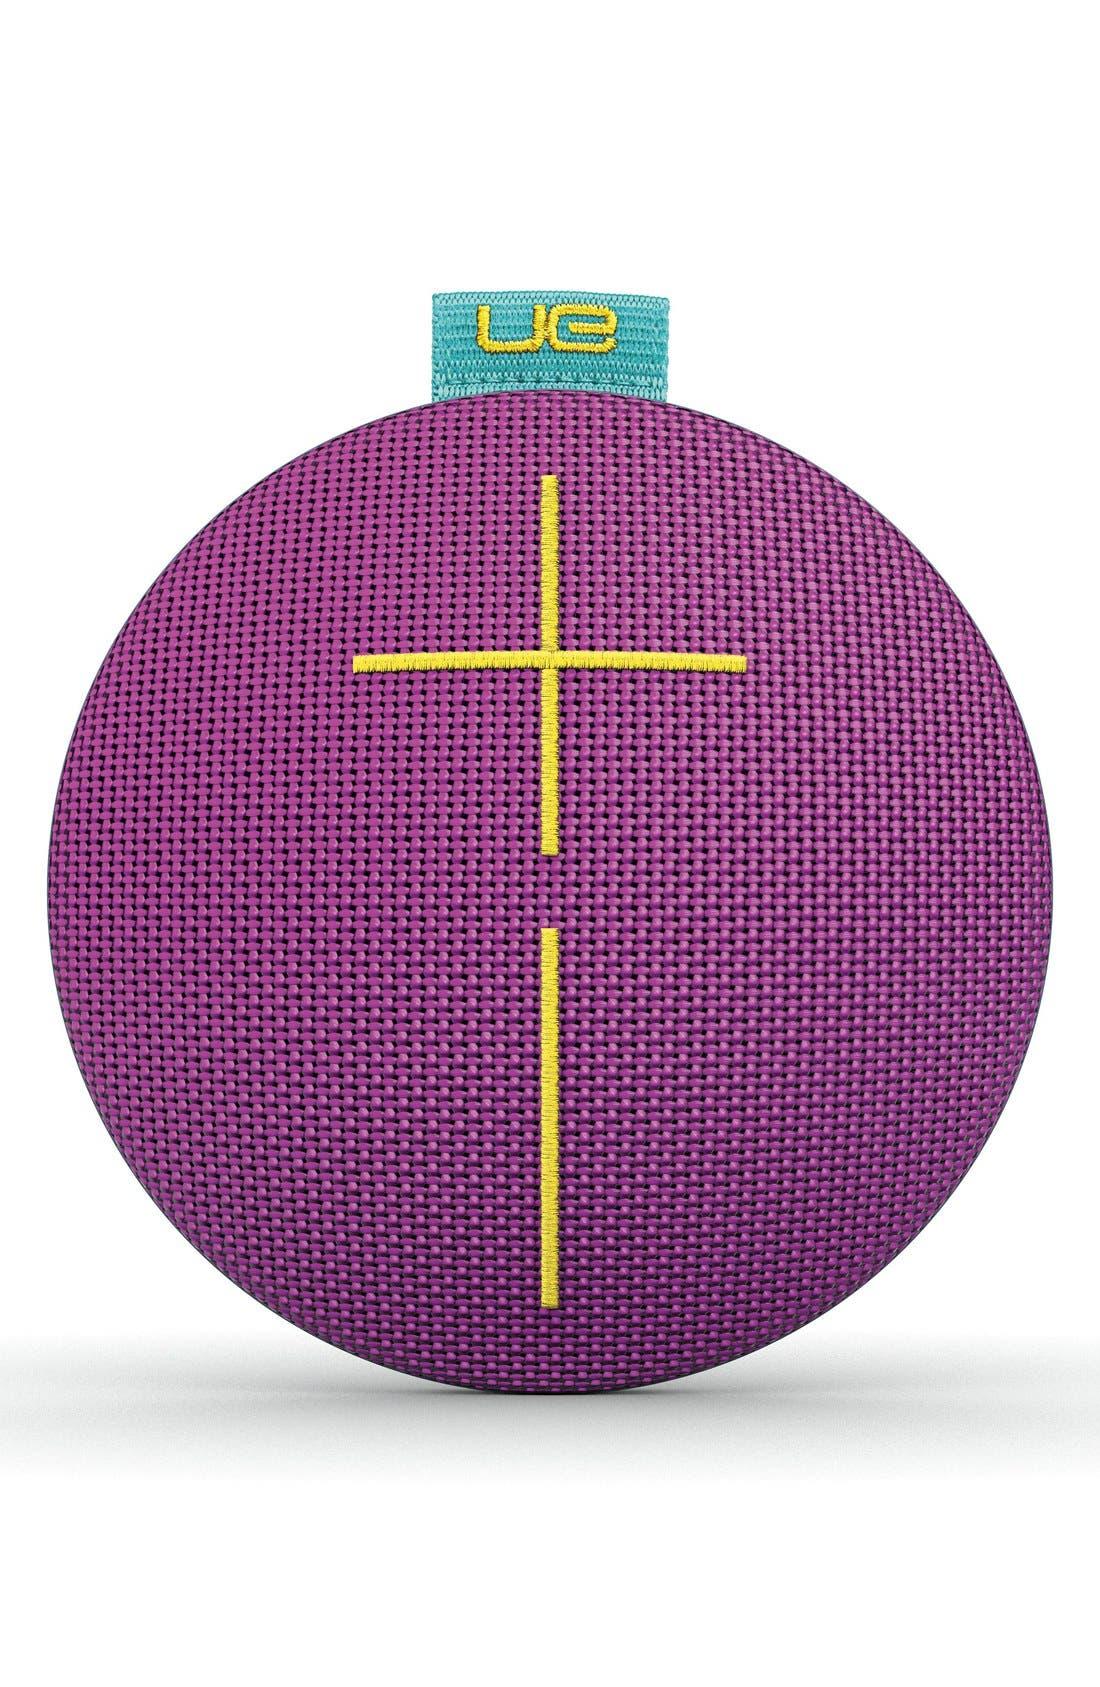 Main Image - UE Roll 2 Waterproof Wireless Bluetooth® Speaker